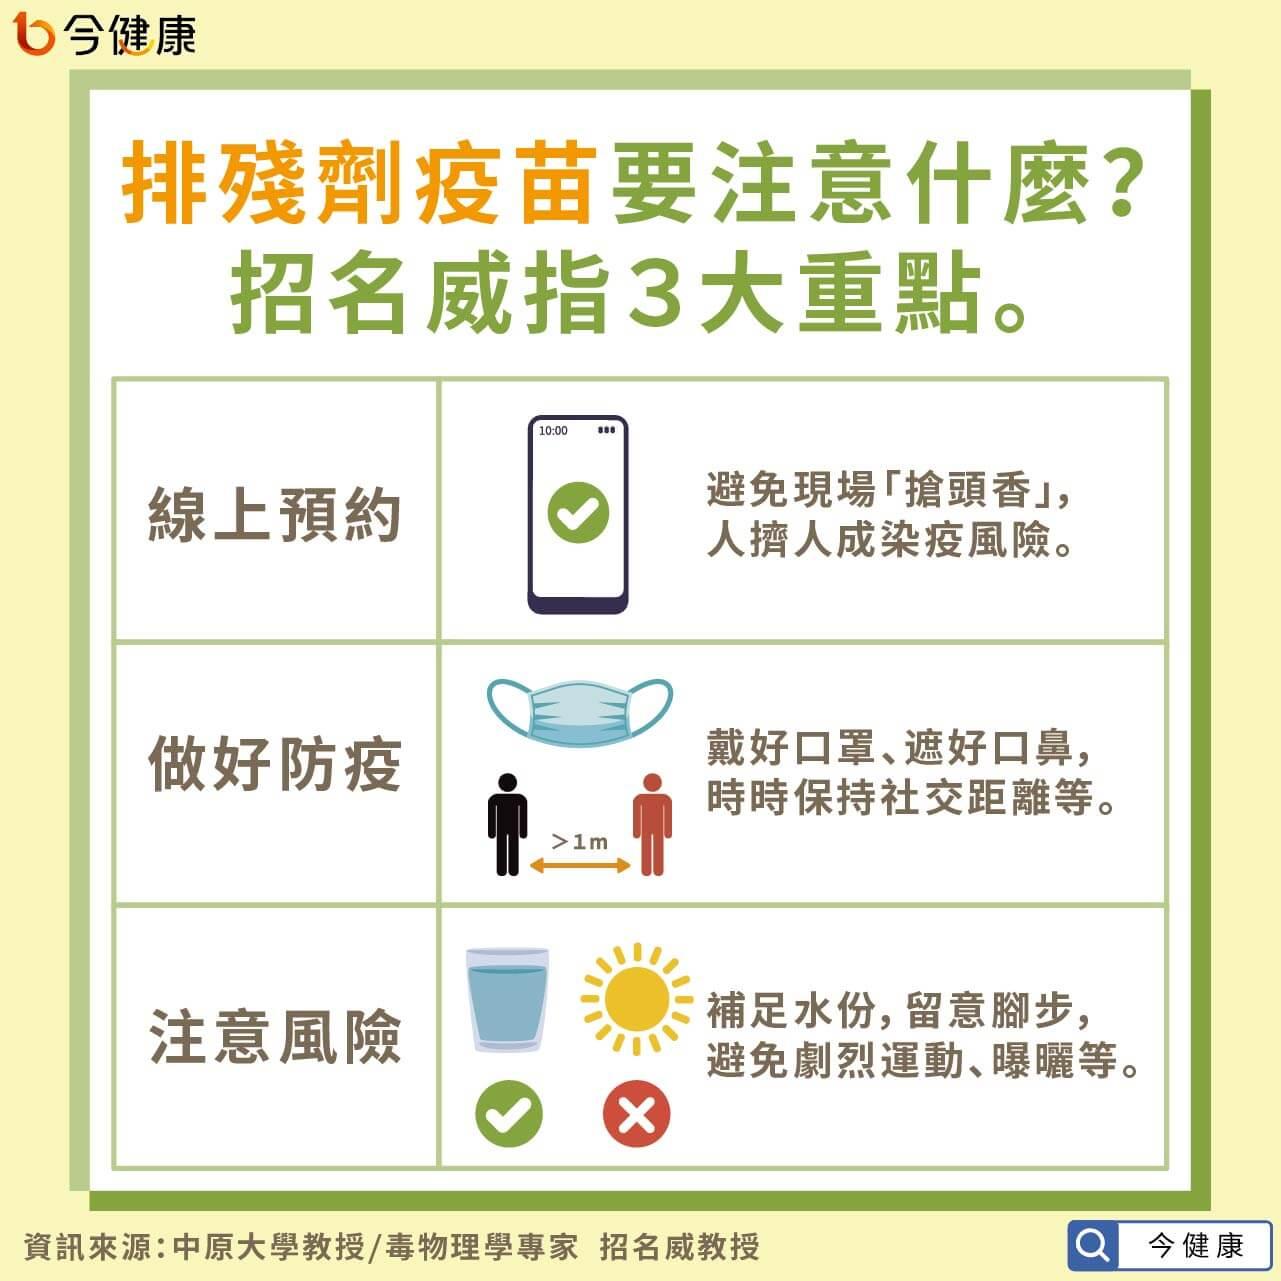 #武漢肺炎 #新冠肺炎 #新冠疫苗 #殘劑疫苗 #招名威